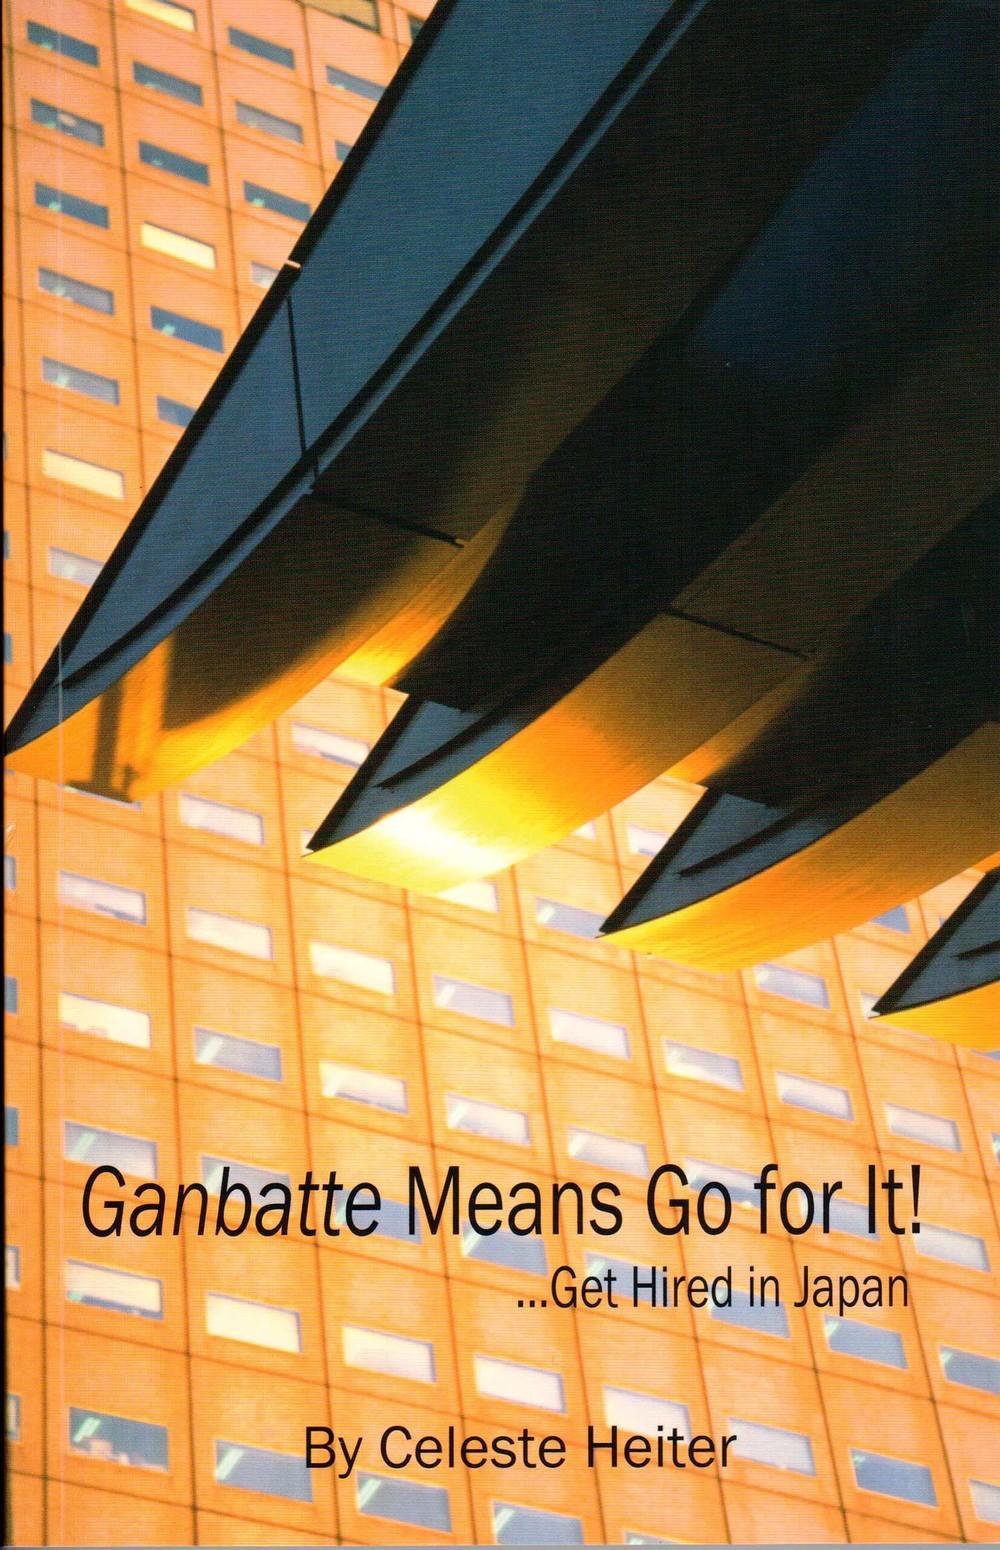 Ganbatte Means Go for It! ... Get Hired in Japan